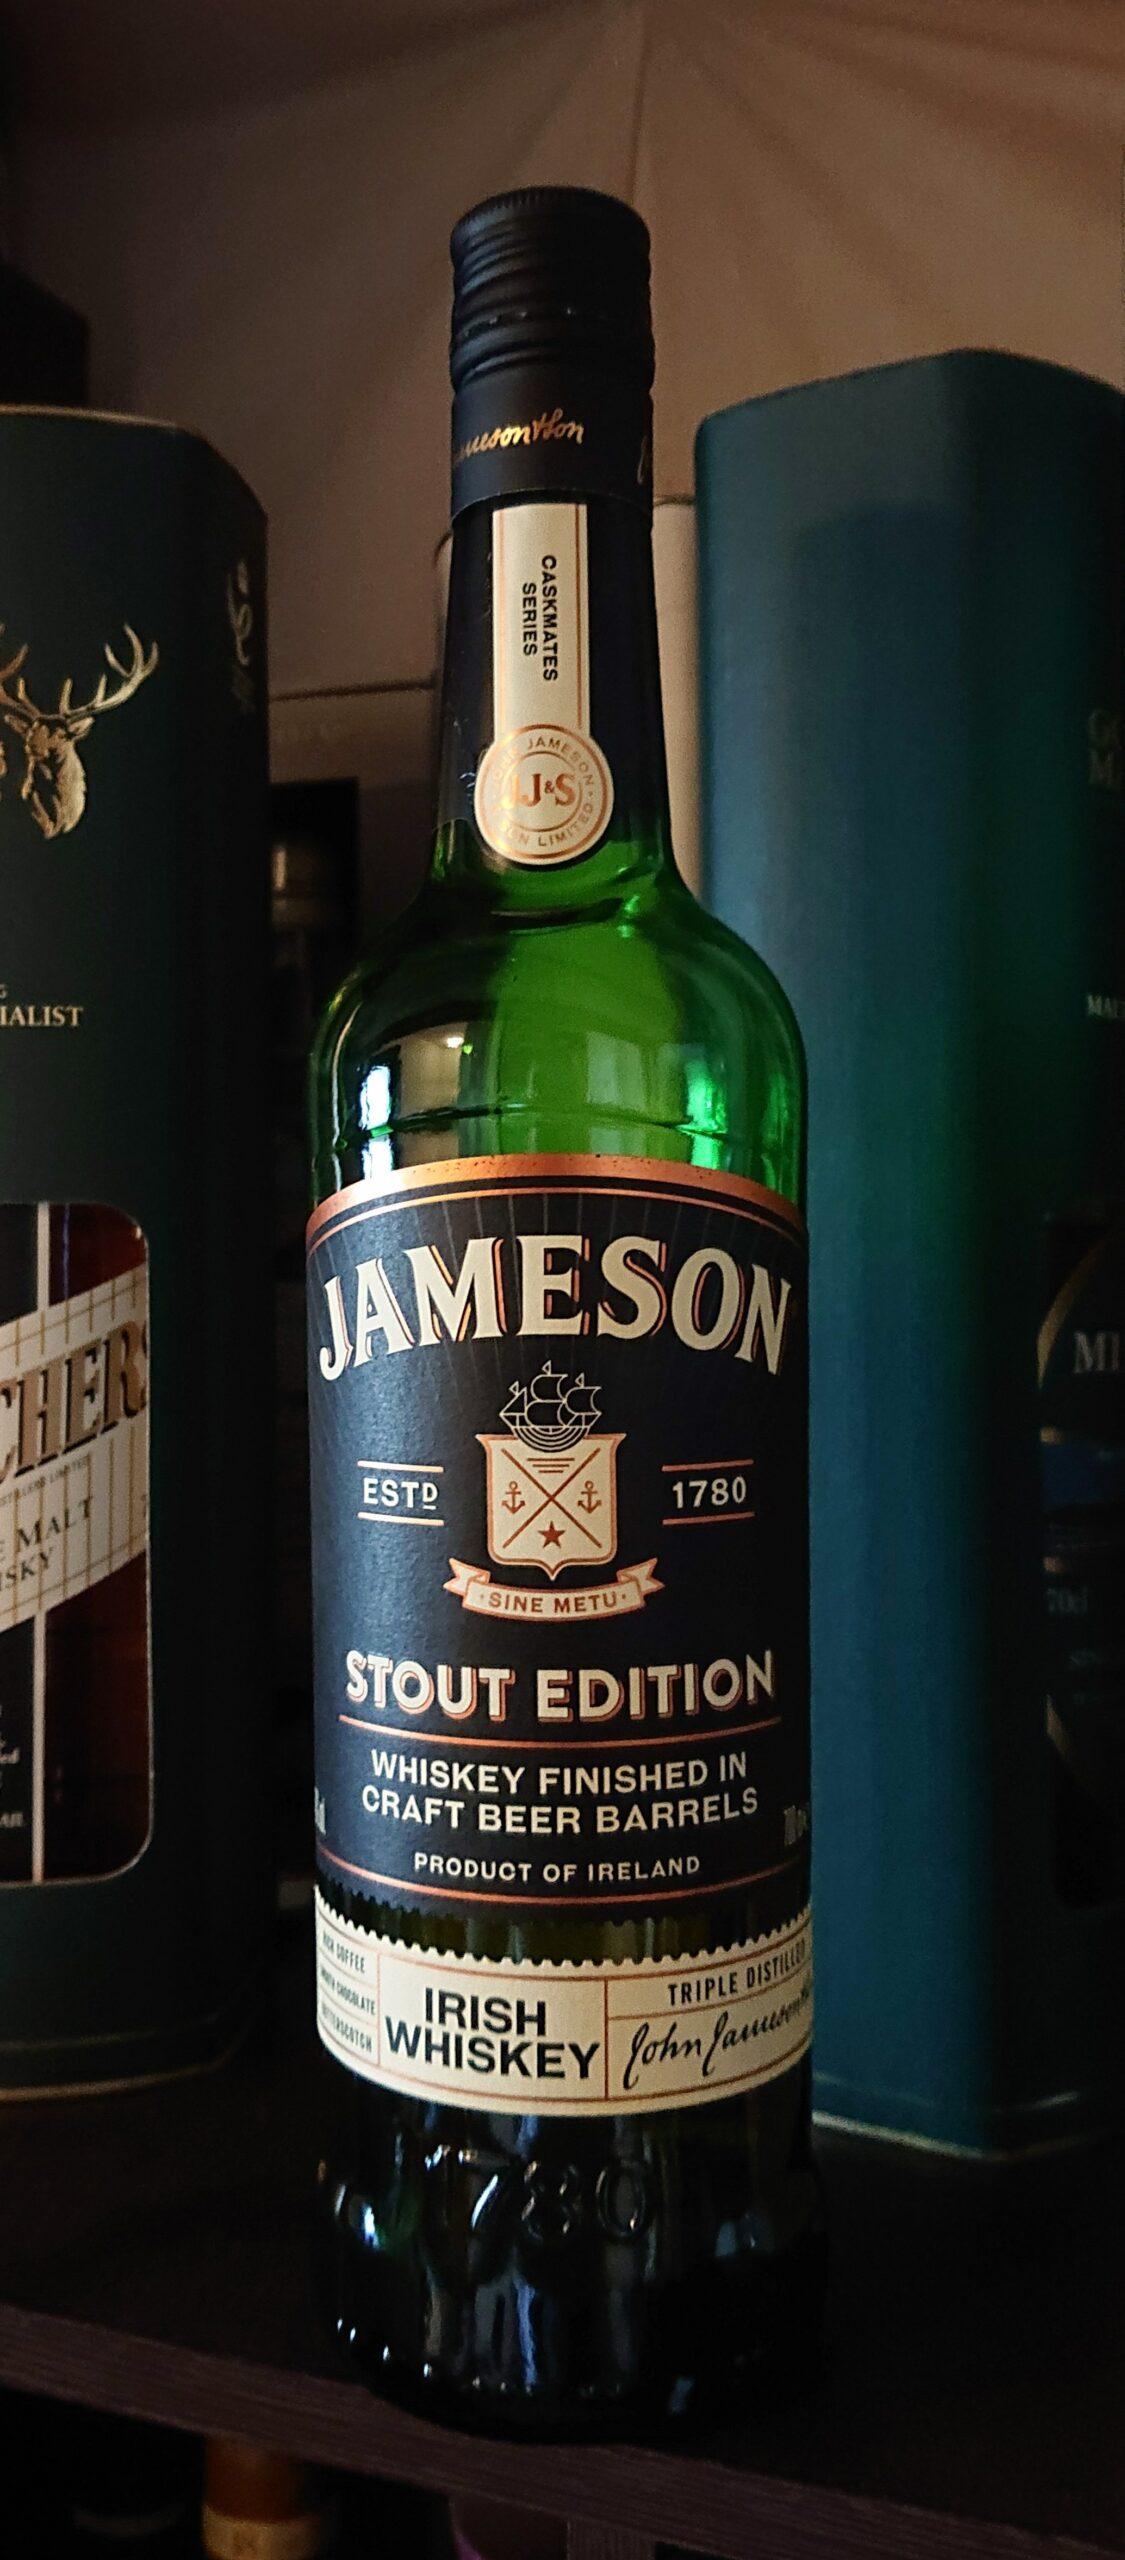 ジェムソン ・スタウトエディションのテイスティング&レビュー・ジェムソン✖️黒ビール、ホップのビターがアクセントな素敵なアイリッシュウイスキー!